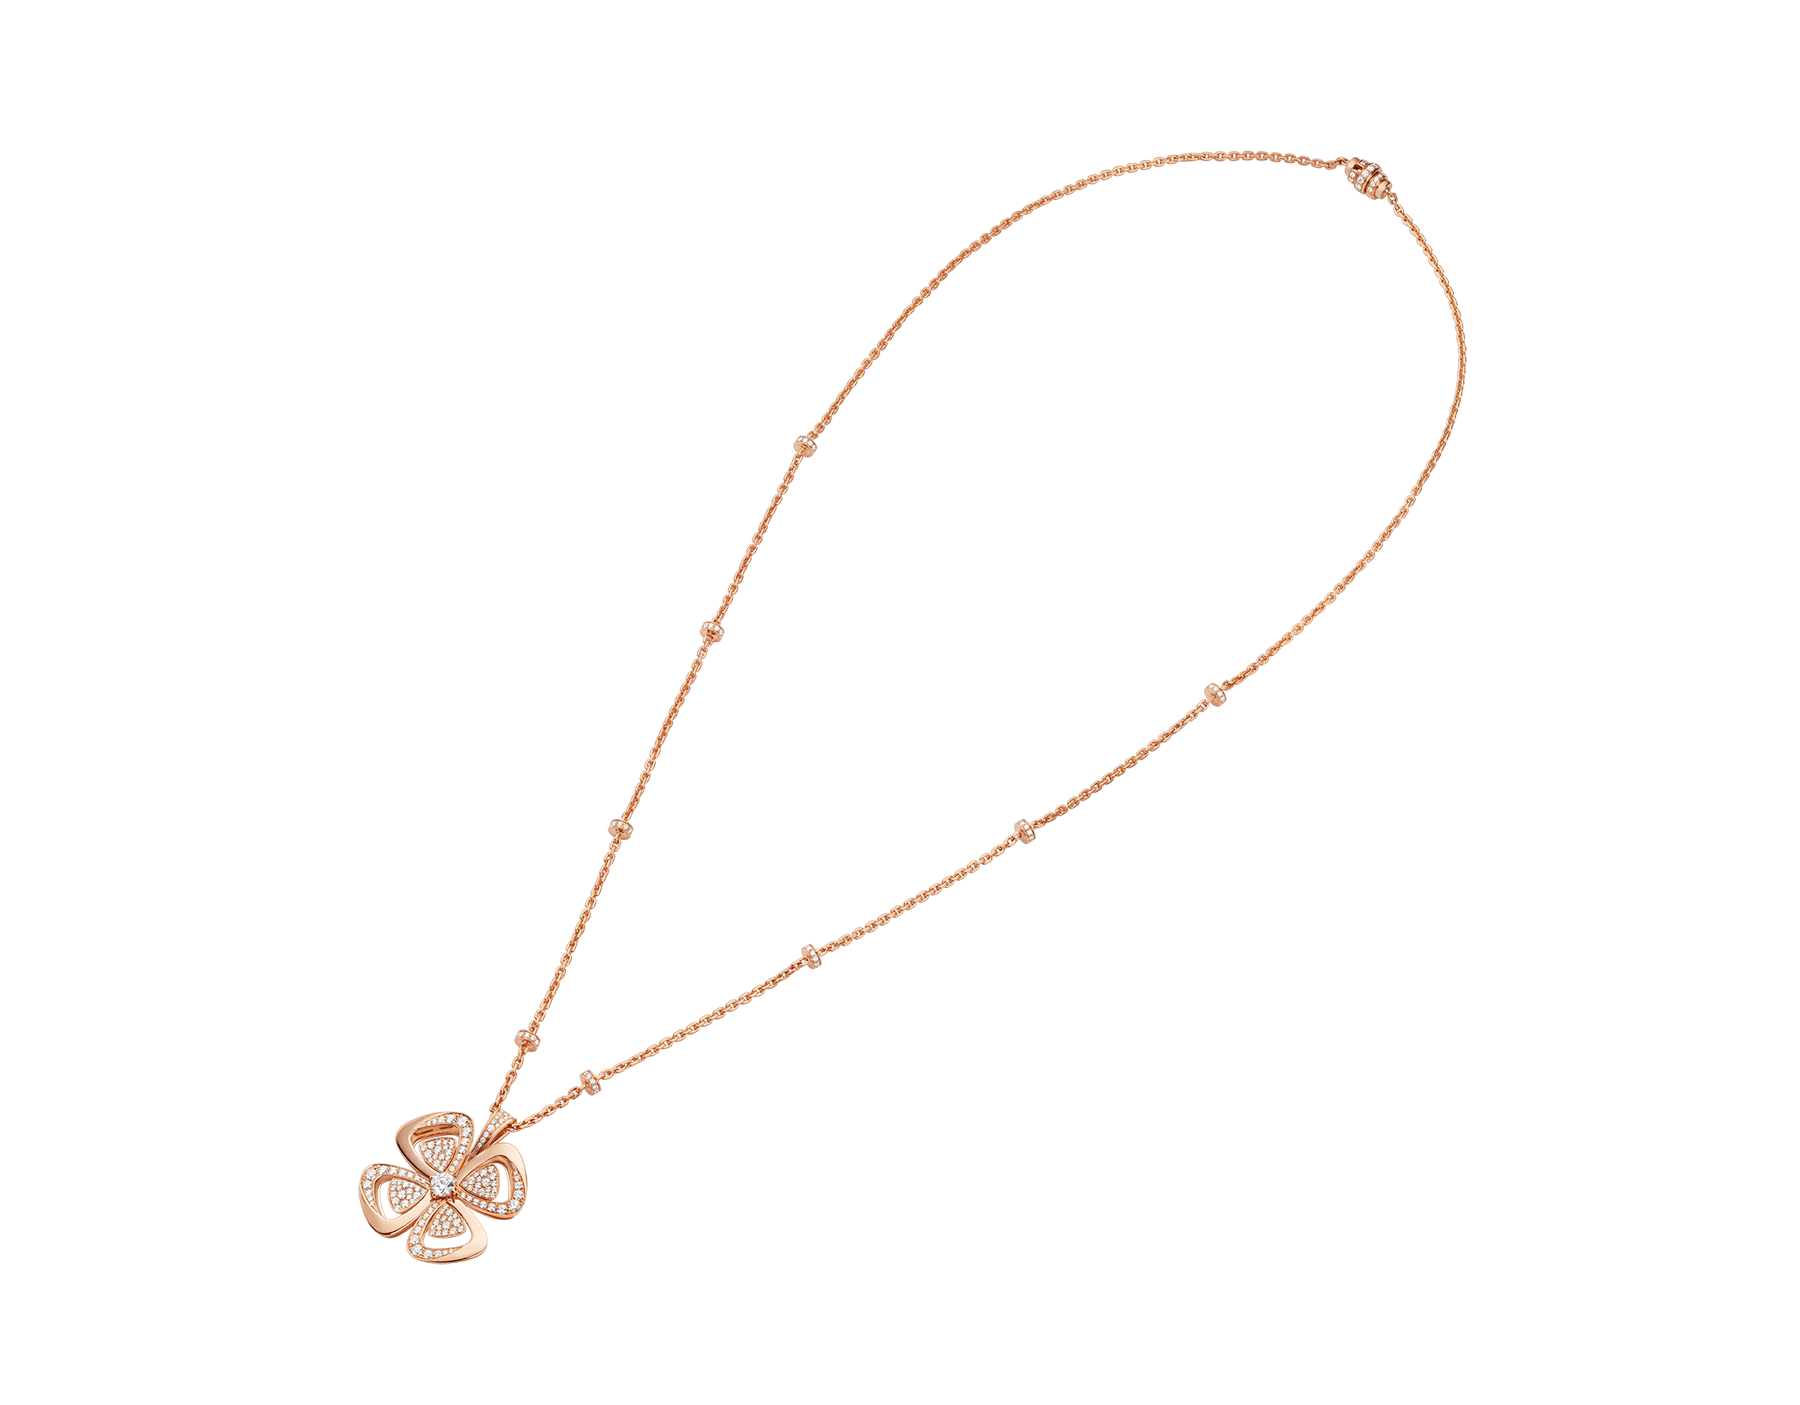 Collier Fiorever en or rose 18K serti d'un diamant rond taille brillant au centre (0,70ct) et pavé diamants (3,55cts). 357218 image 2